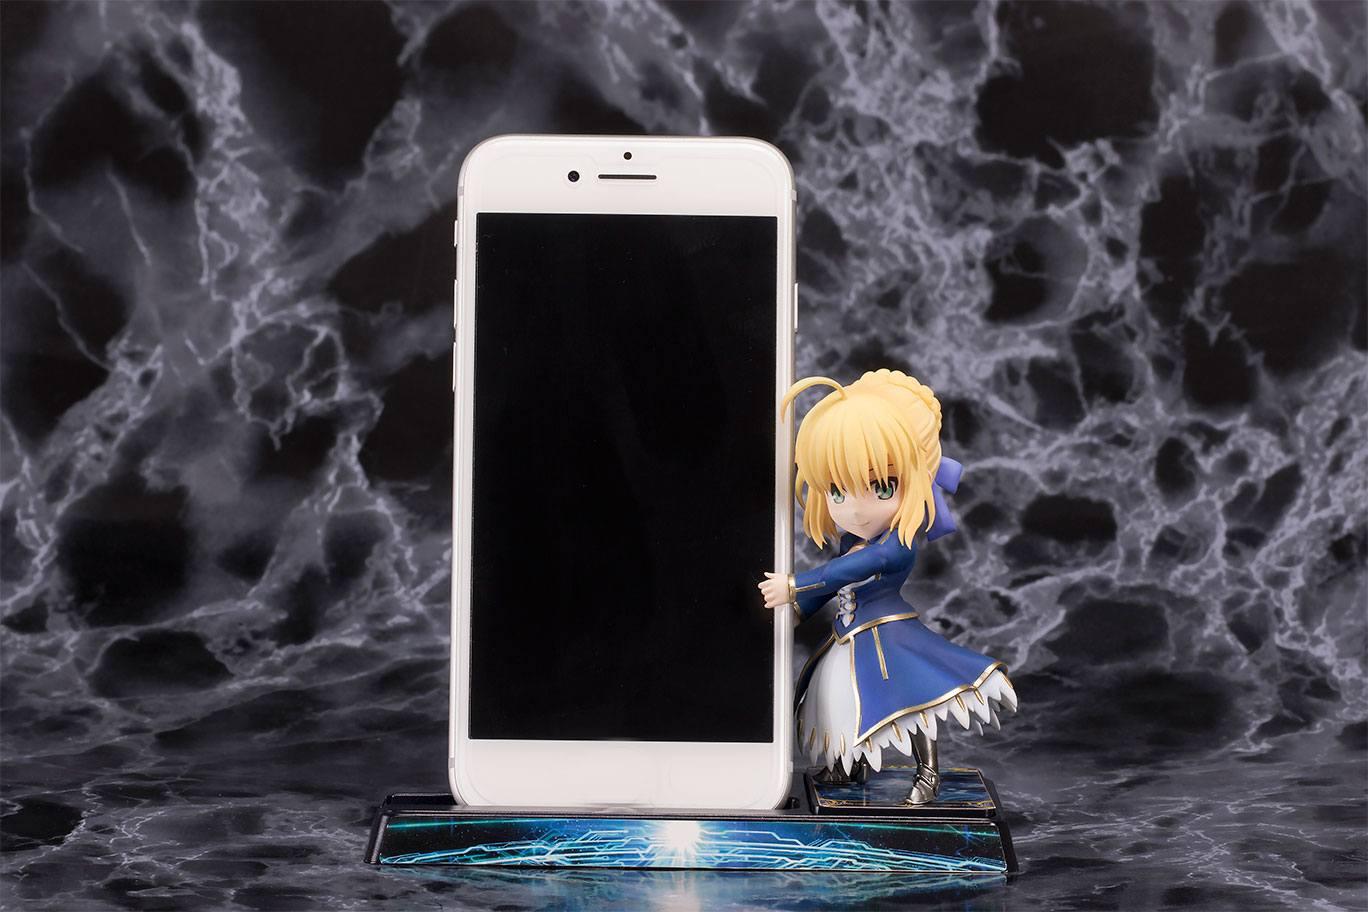 Fate/Grand Order Bishoujo Character Collection Mini Figure Saber/Altria Pendragon 8 cm